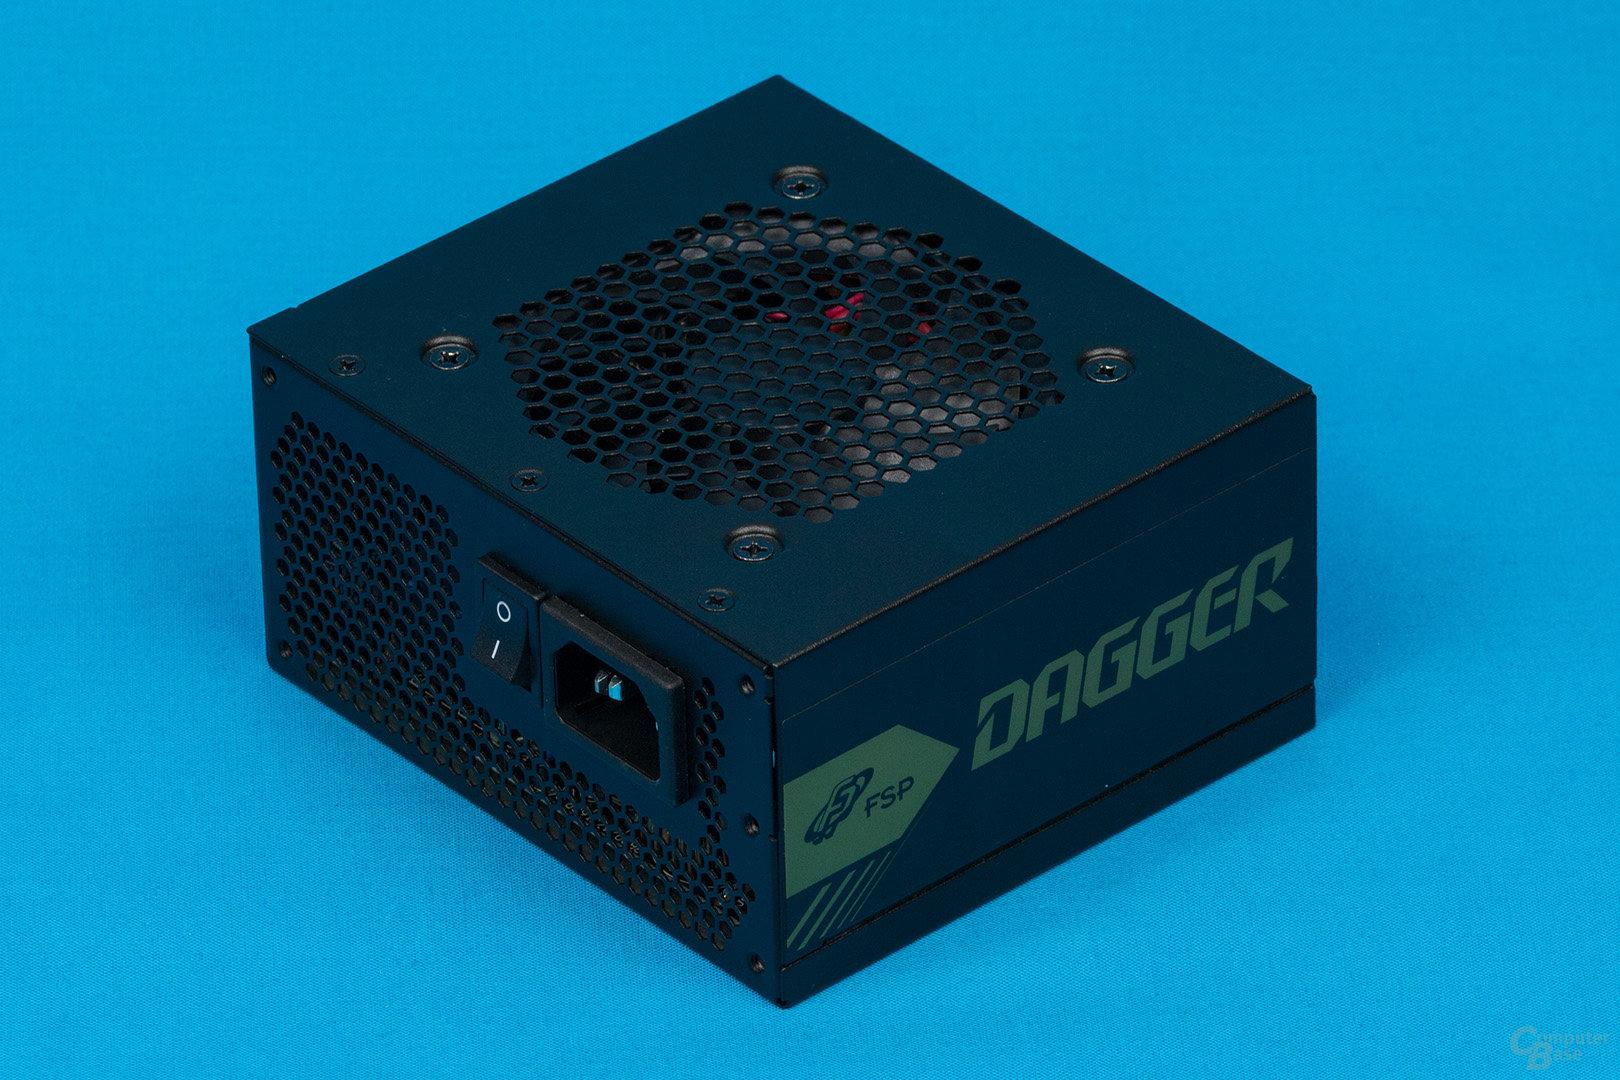 FSP Dagger 600W